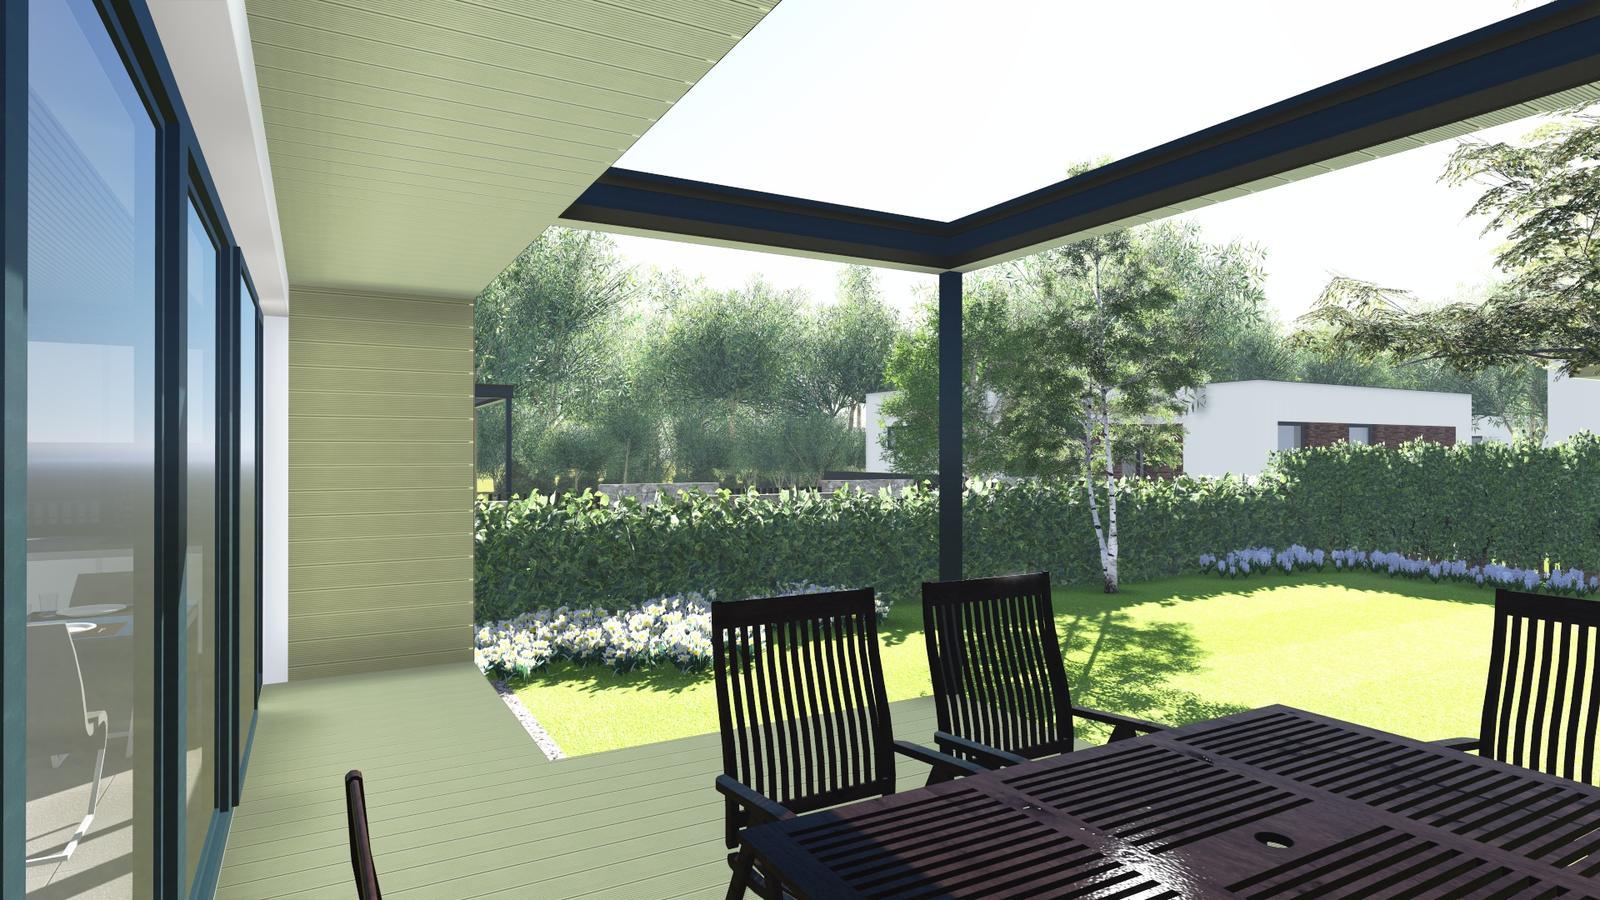 Príjemné posedenie na ďalšej terase prestrešenej sklom - Viac foto na Facebook - Prirodnydom.com